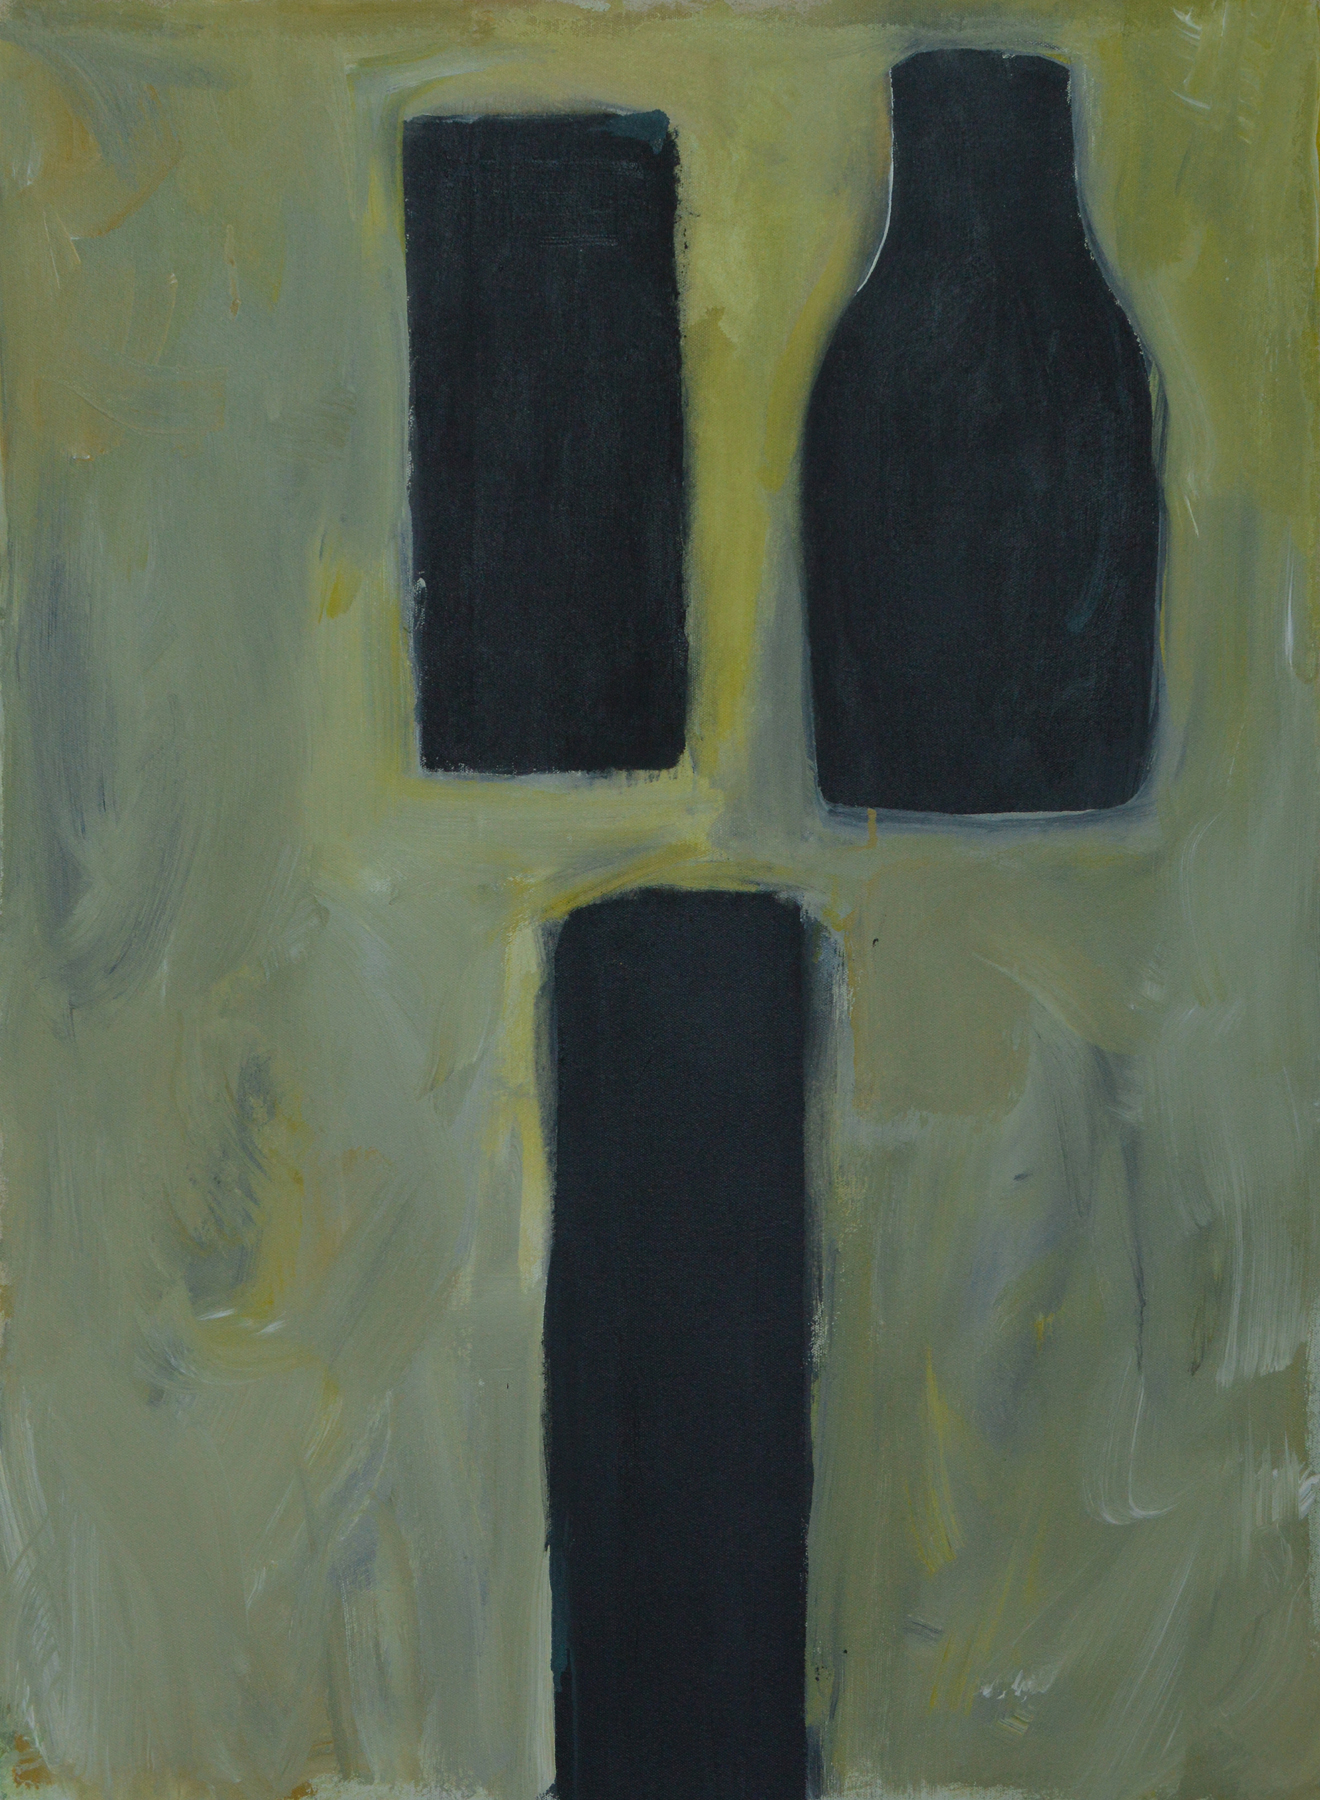 Three Dark , 2009. Acrylic on canvas, 34 x 25 in. (86.4 x 63.5 cm.)